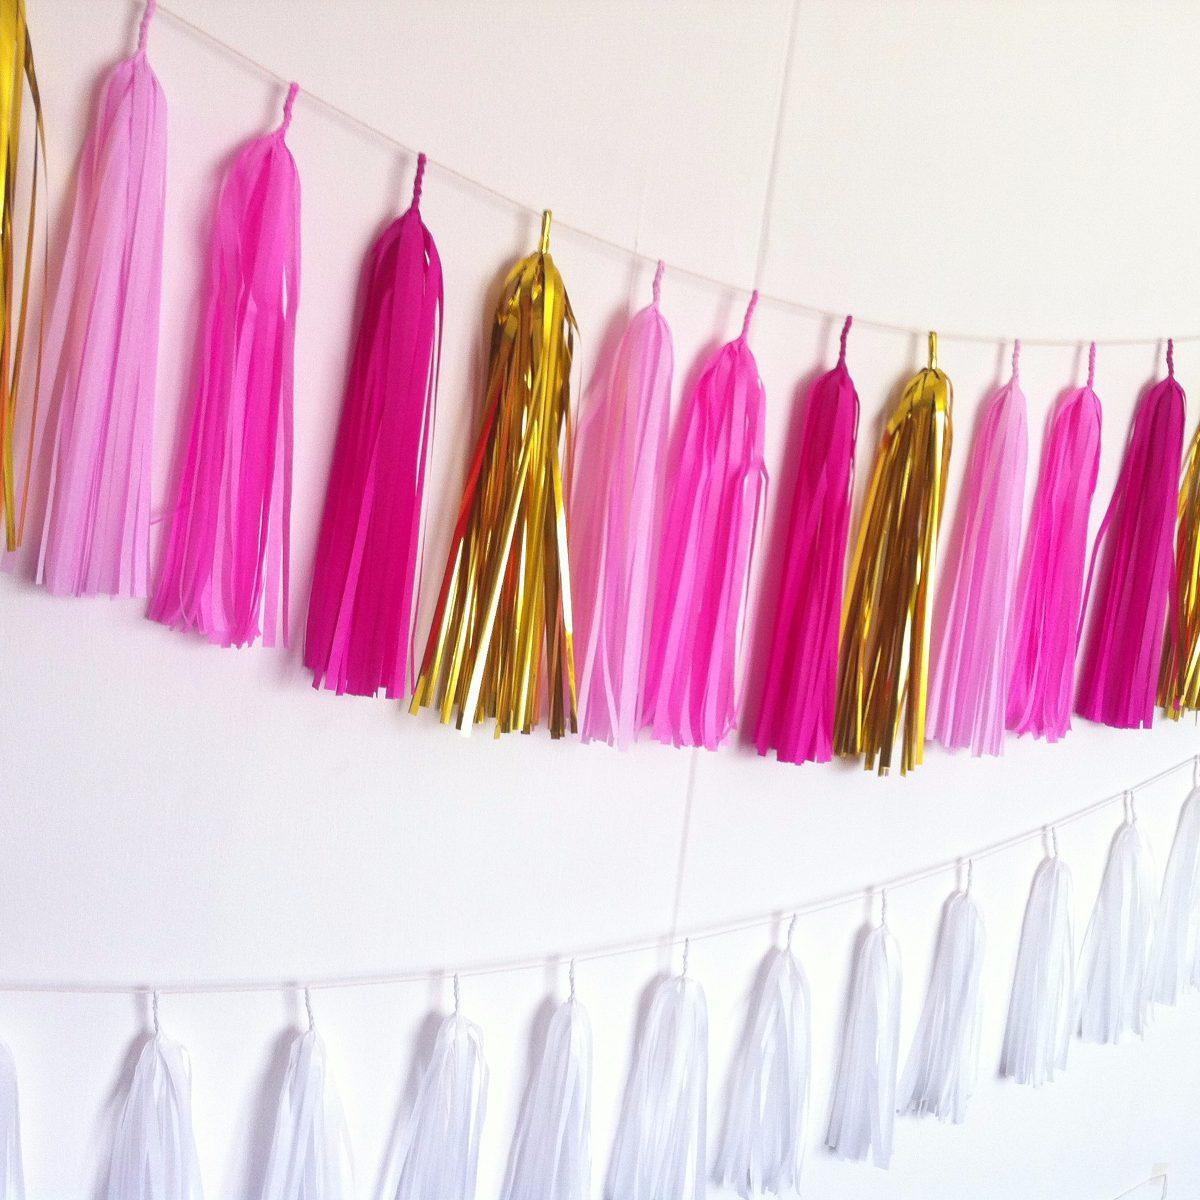 Guirnaldas de papel tama o grande decoraci n tassel - Decoracion de guirnaldas ...